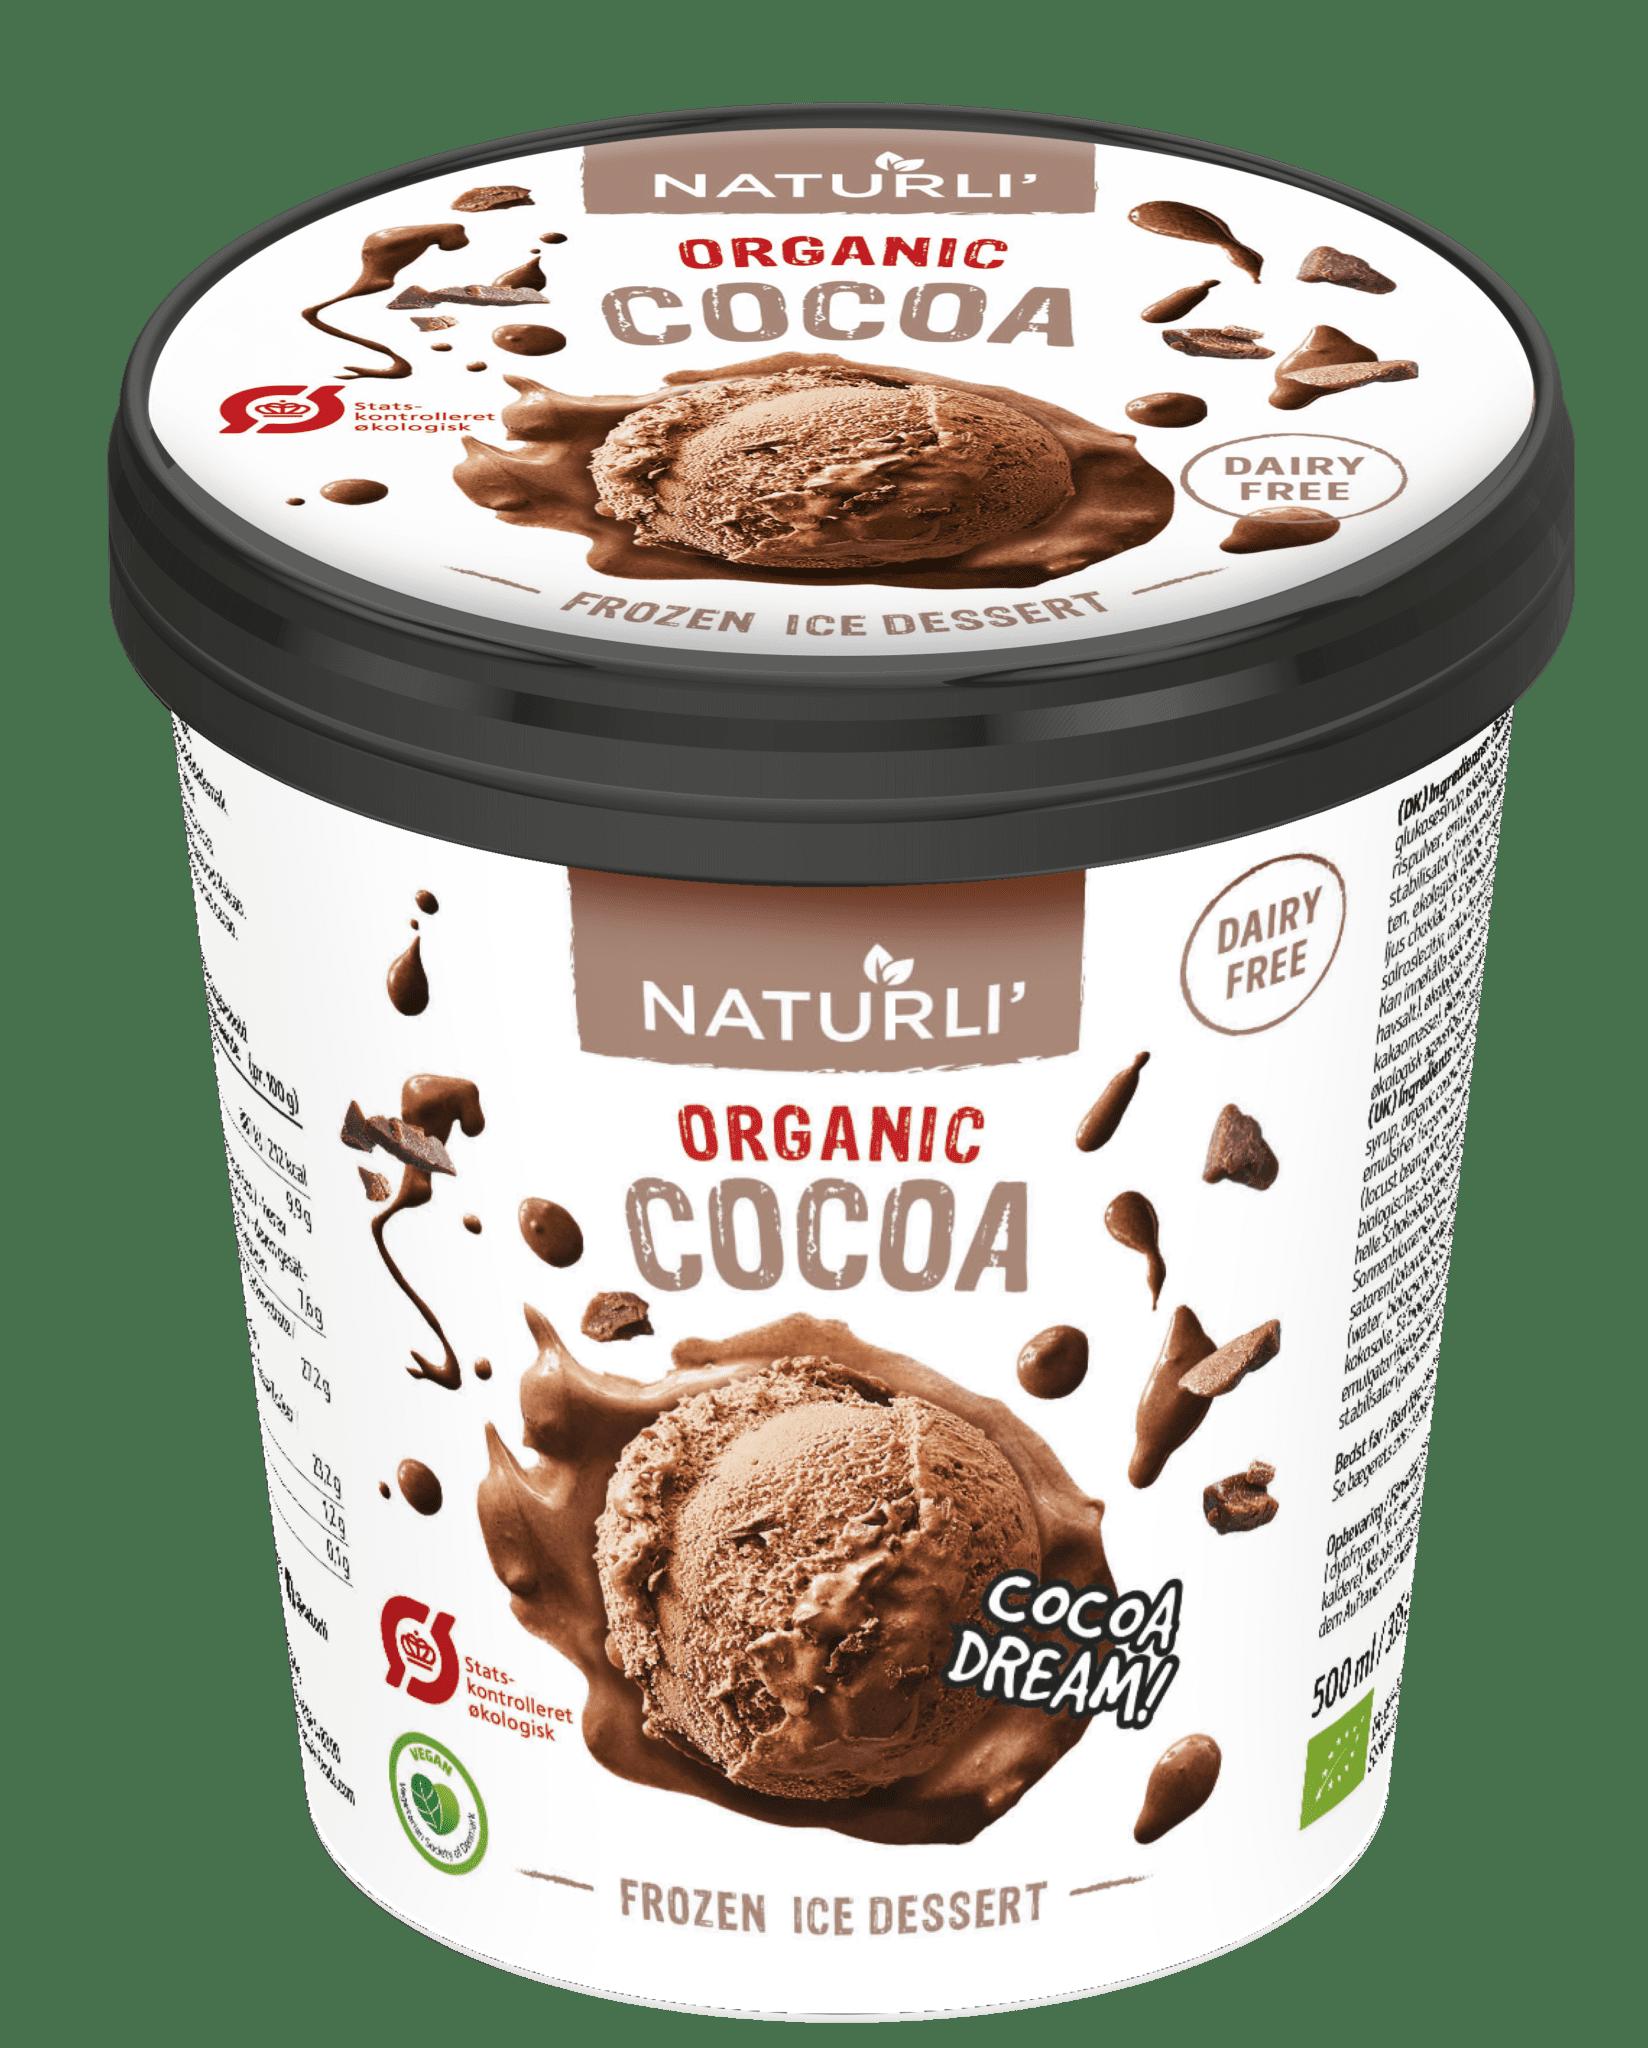 NATURLI' Organic Cocoa Dream